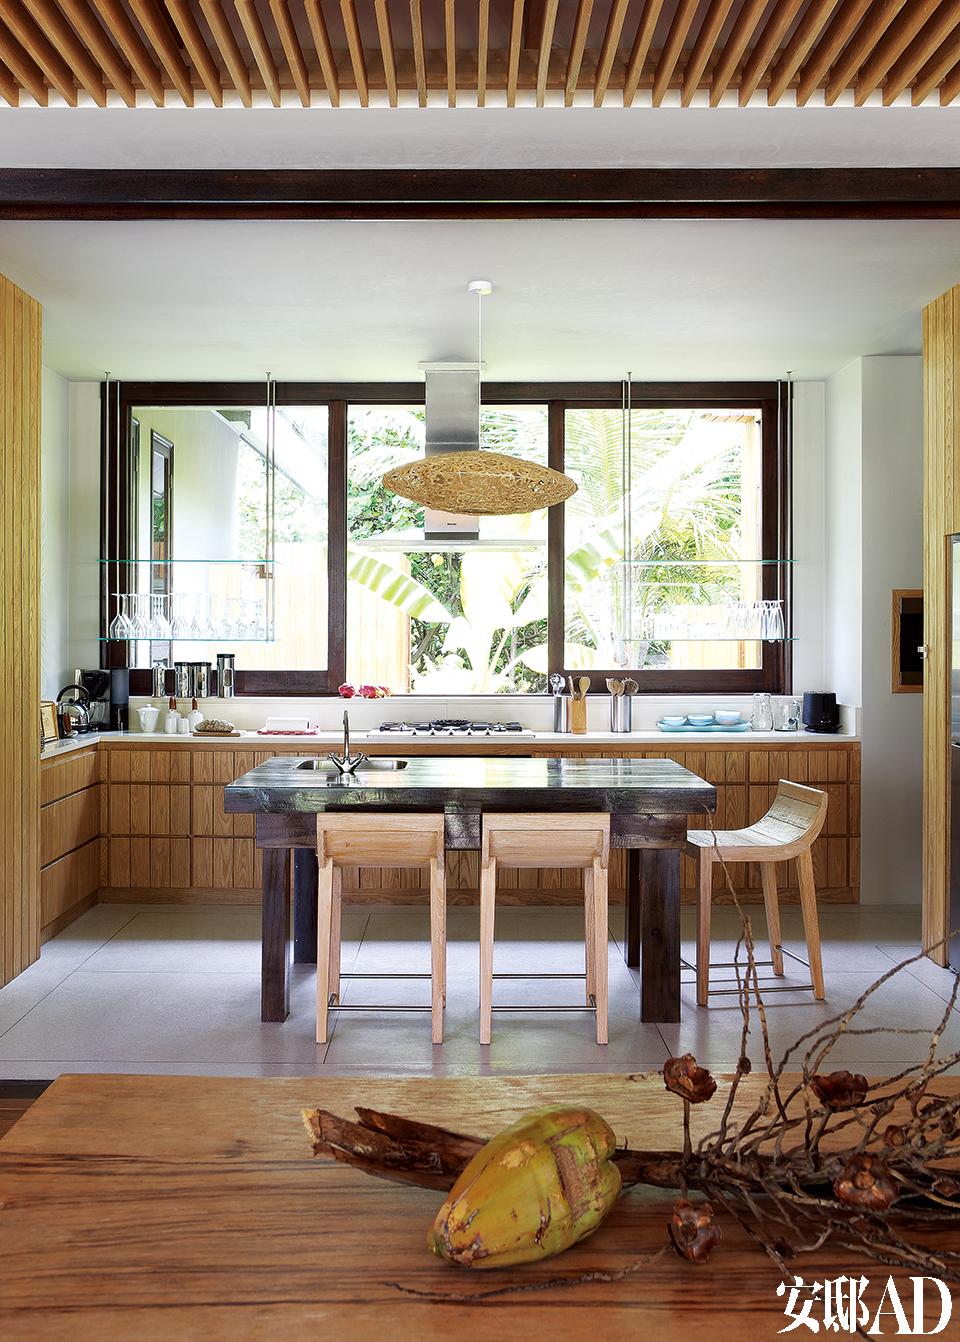 前厨房位于客厅的后面,与后厨房和碗碟清洗室相连。